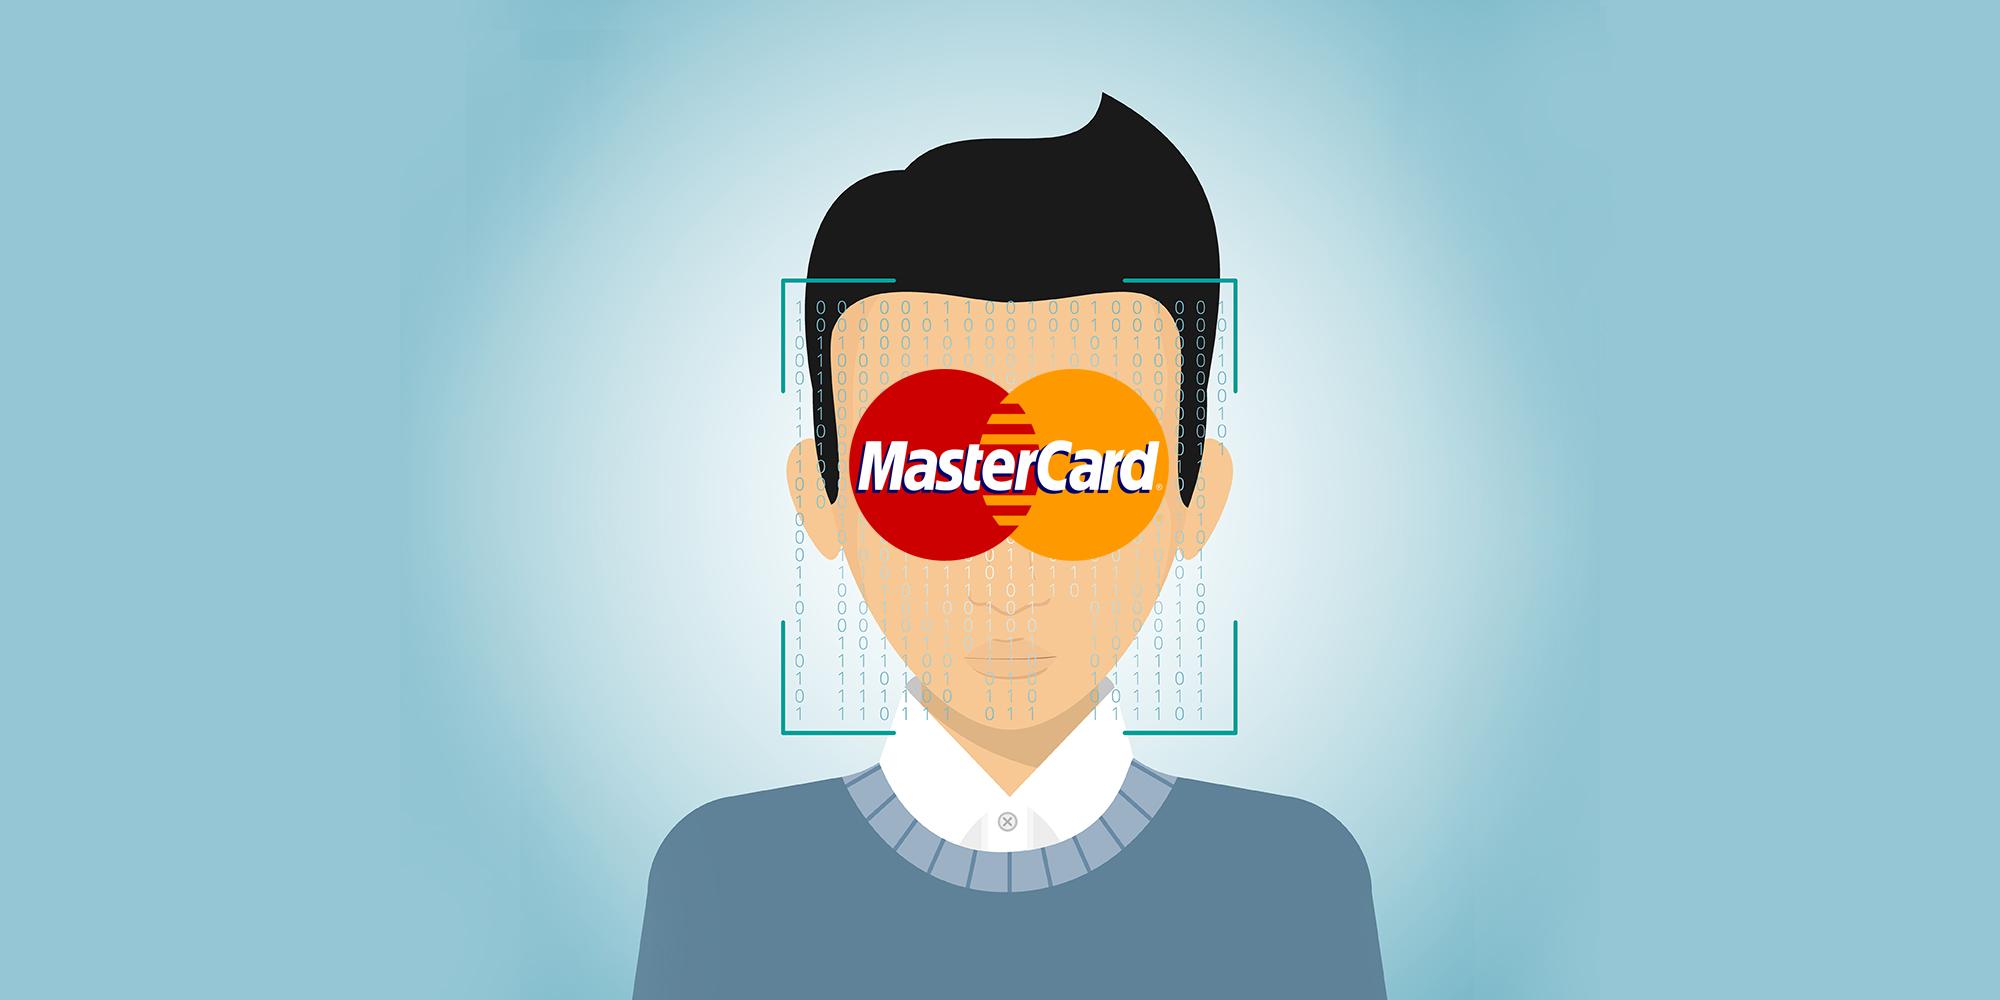 Platby na internetu s využitím biometrického zabezpečení už v roce 2019